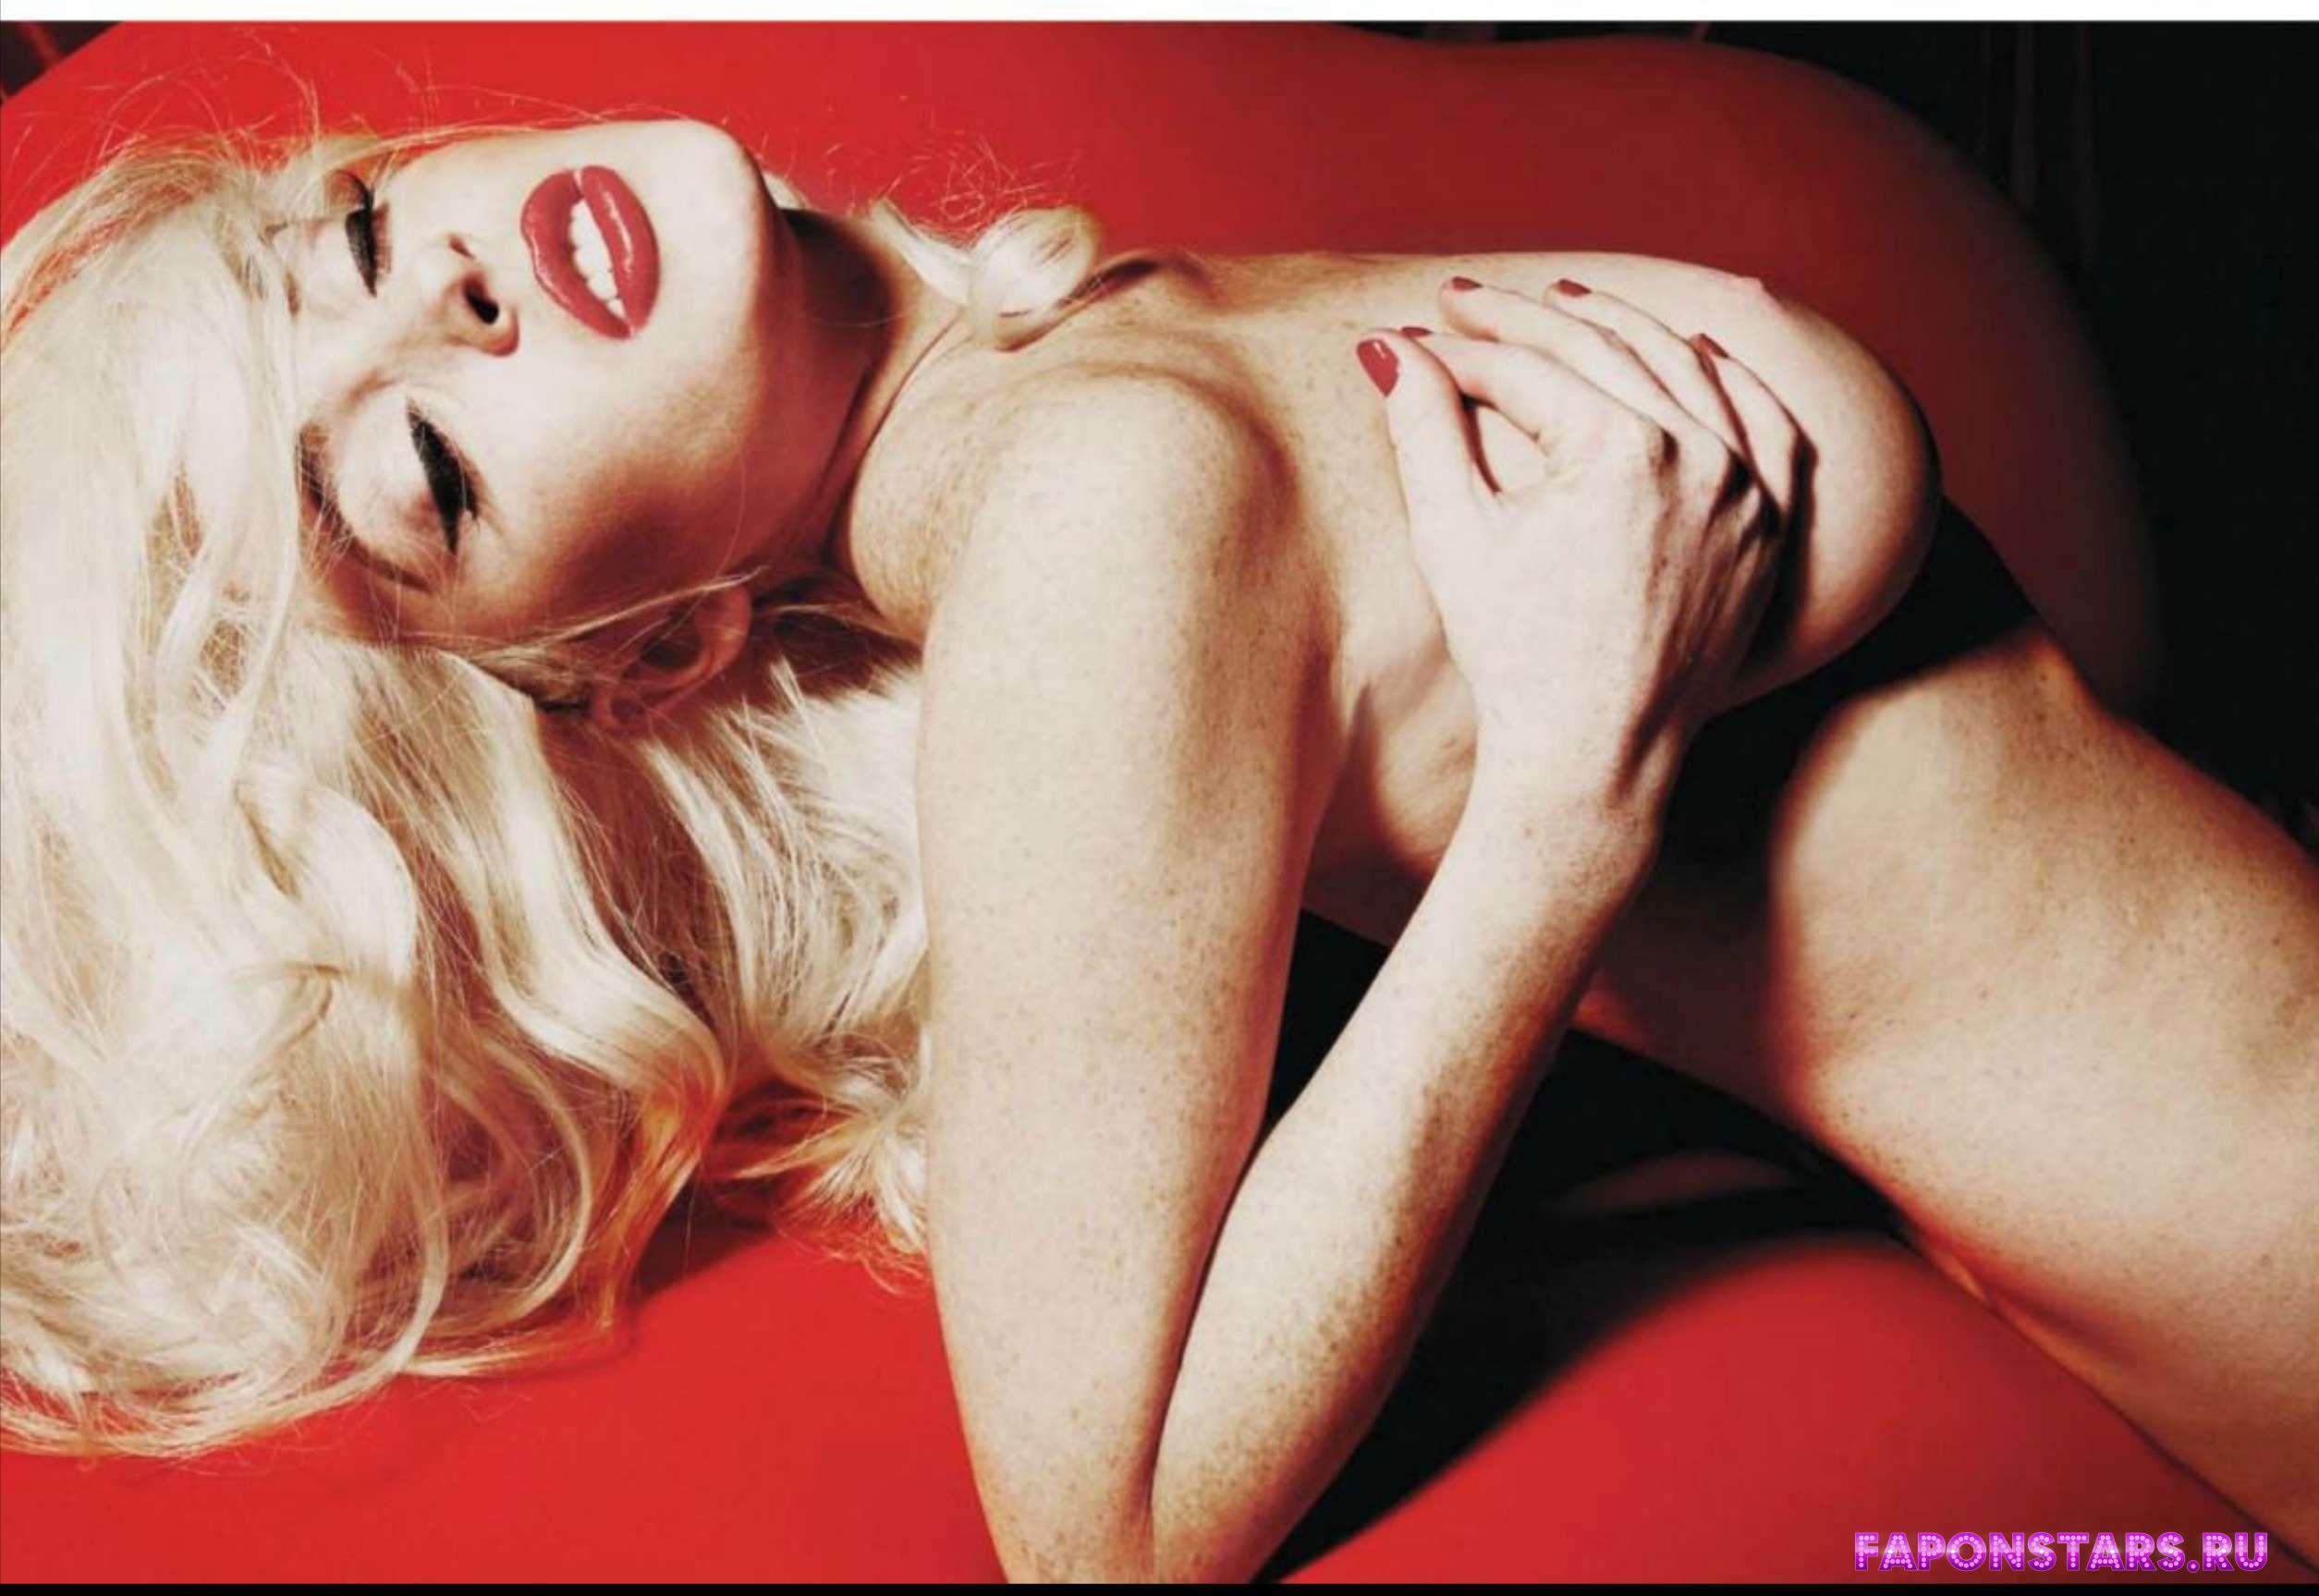 фото голой Линдсей Лохан для эротического журнала Плейбой